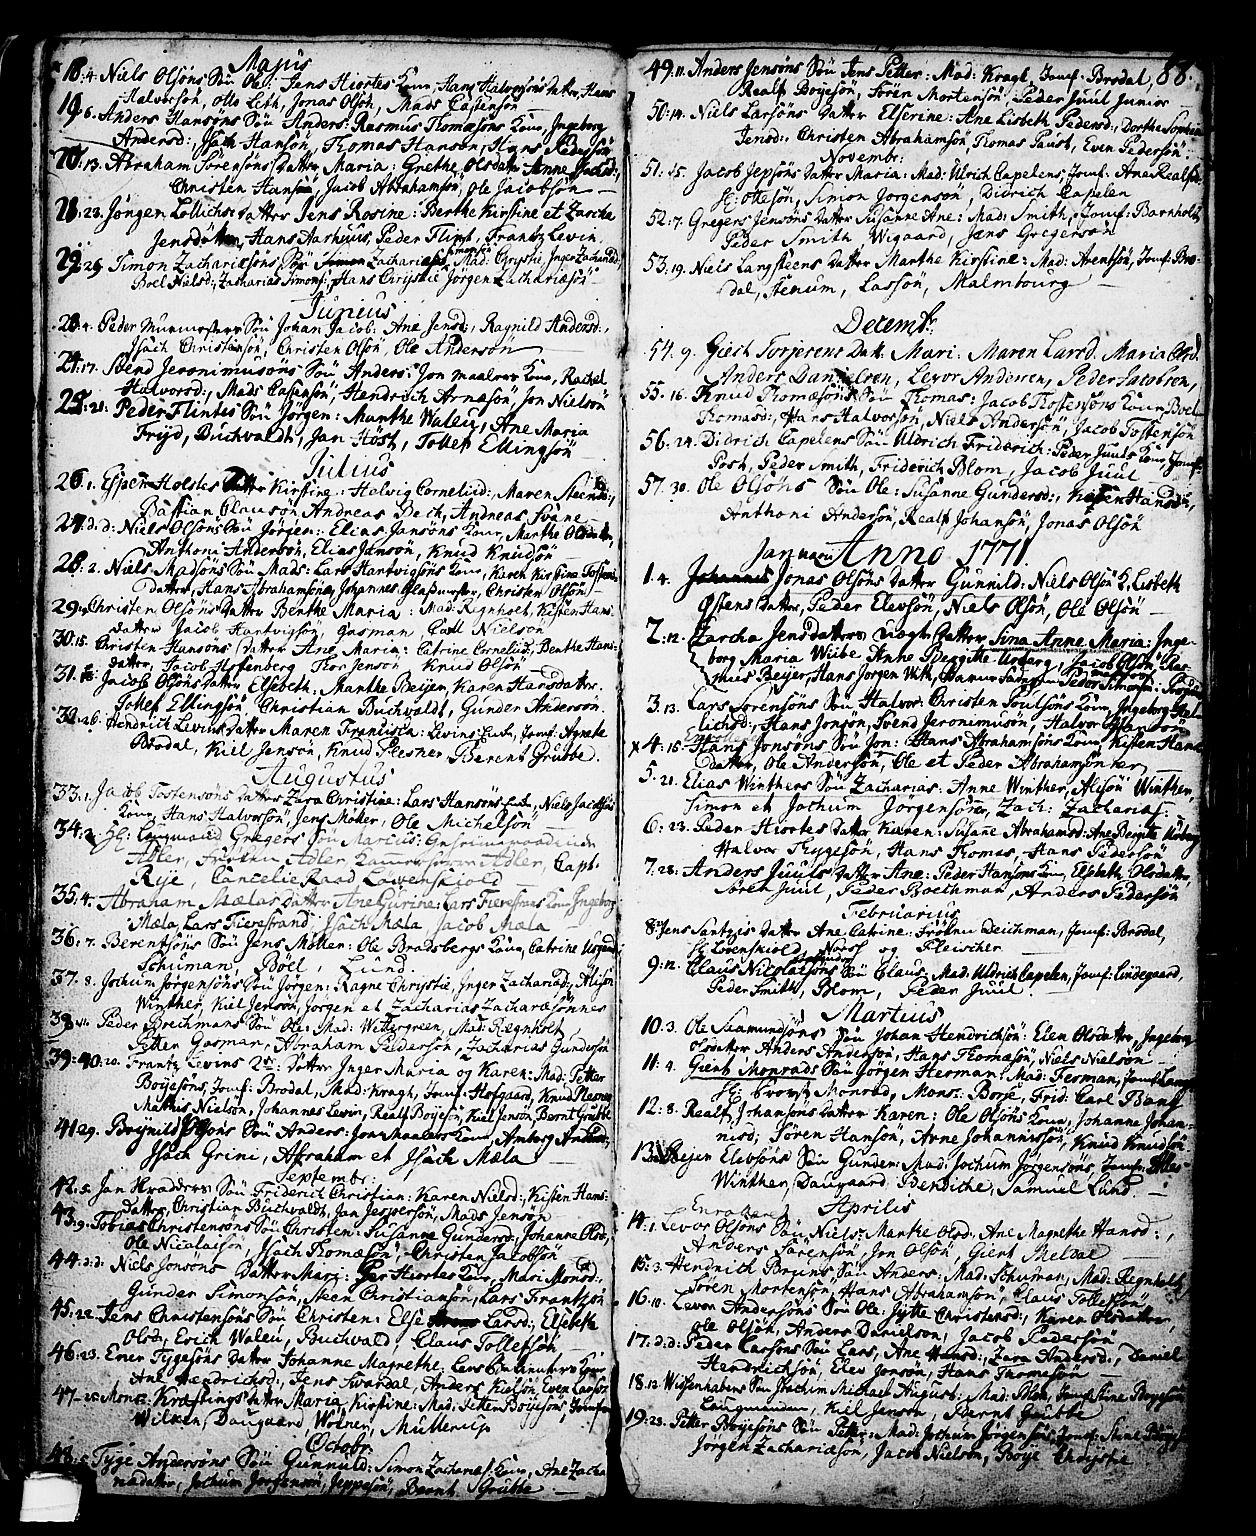 SAKO, Skien kirkebøker, G/Ga/L0001: Klokkerbok nr. 1, 1756-1791, s. 88